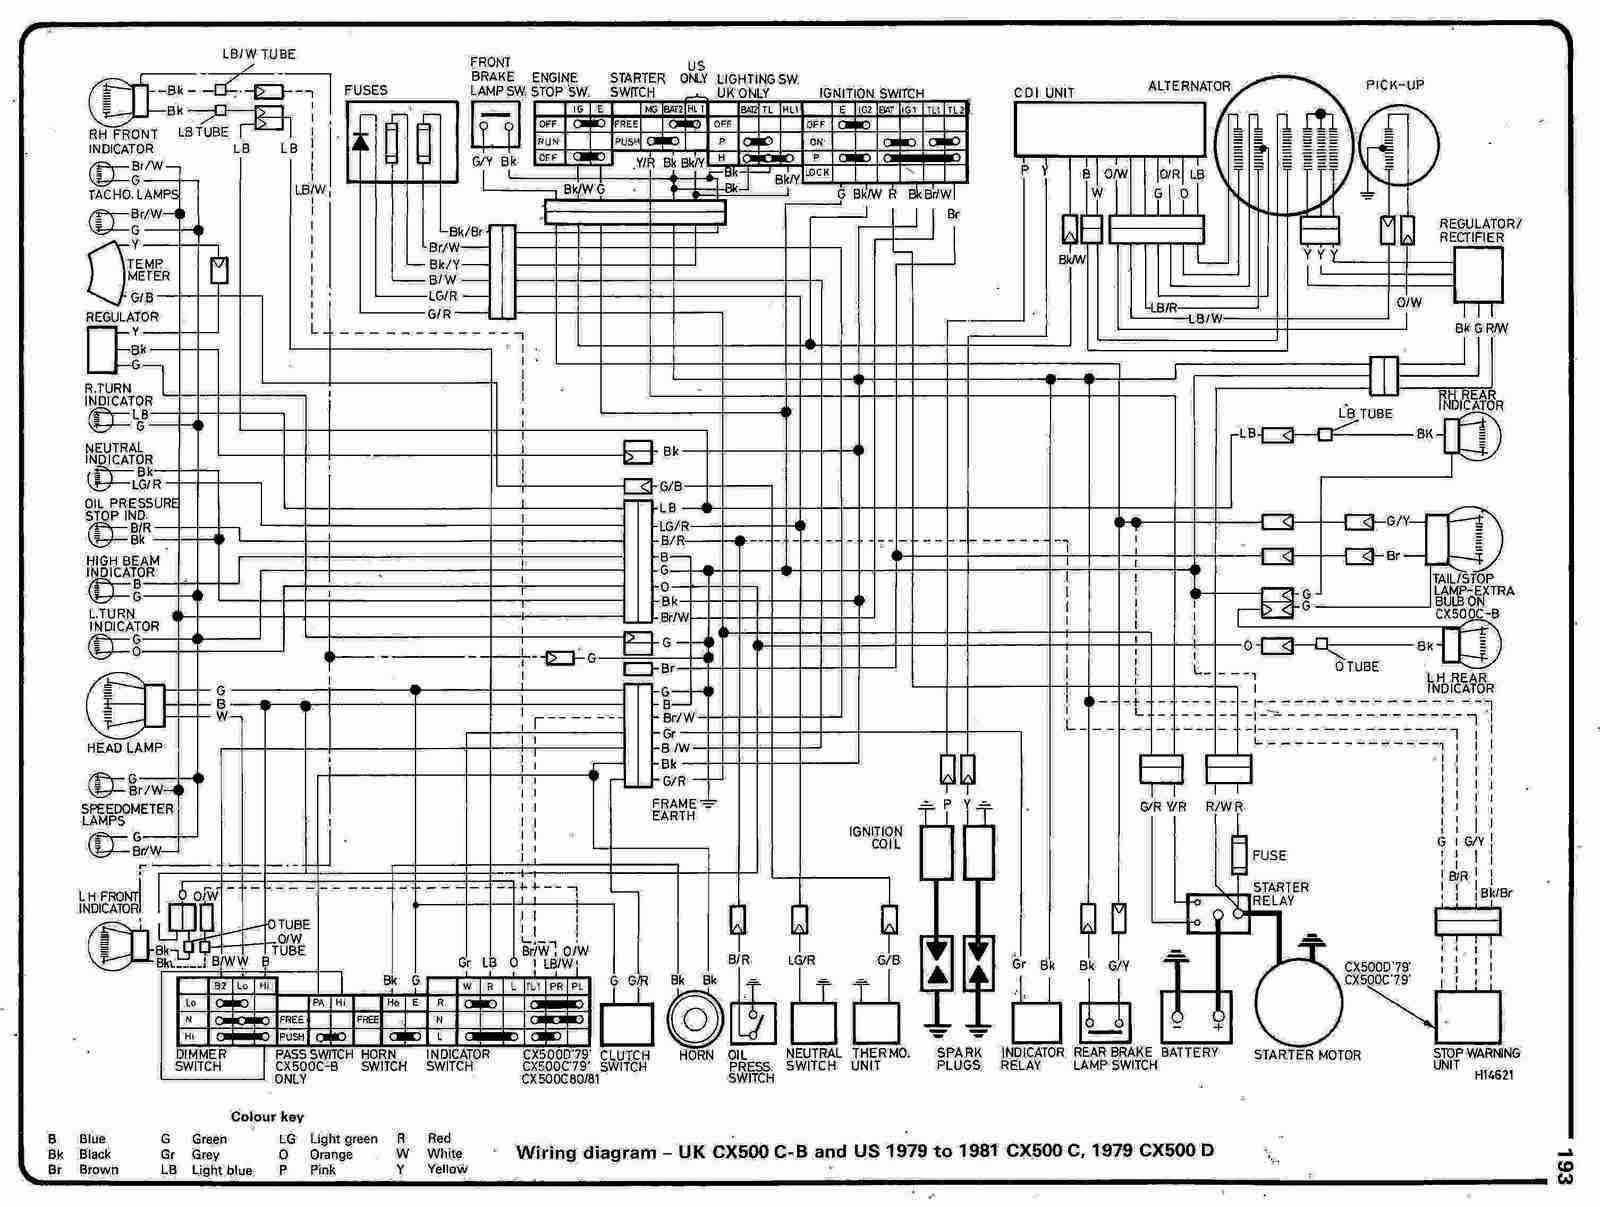 Honda St1100 Wiring Diagram Schematic Diagrams Diy Fairing For 1982 Gl500 U2022 2002 Odyssey Radio Wire